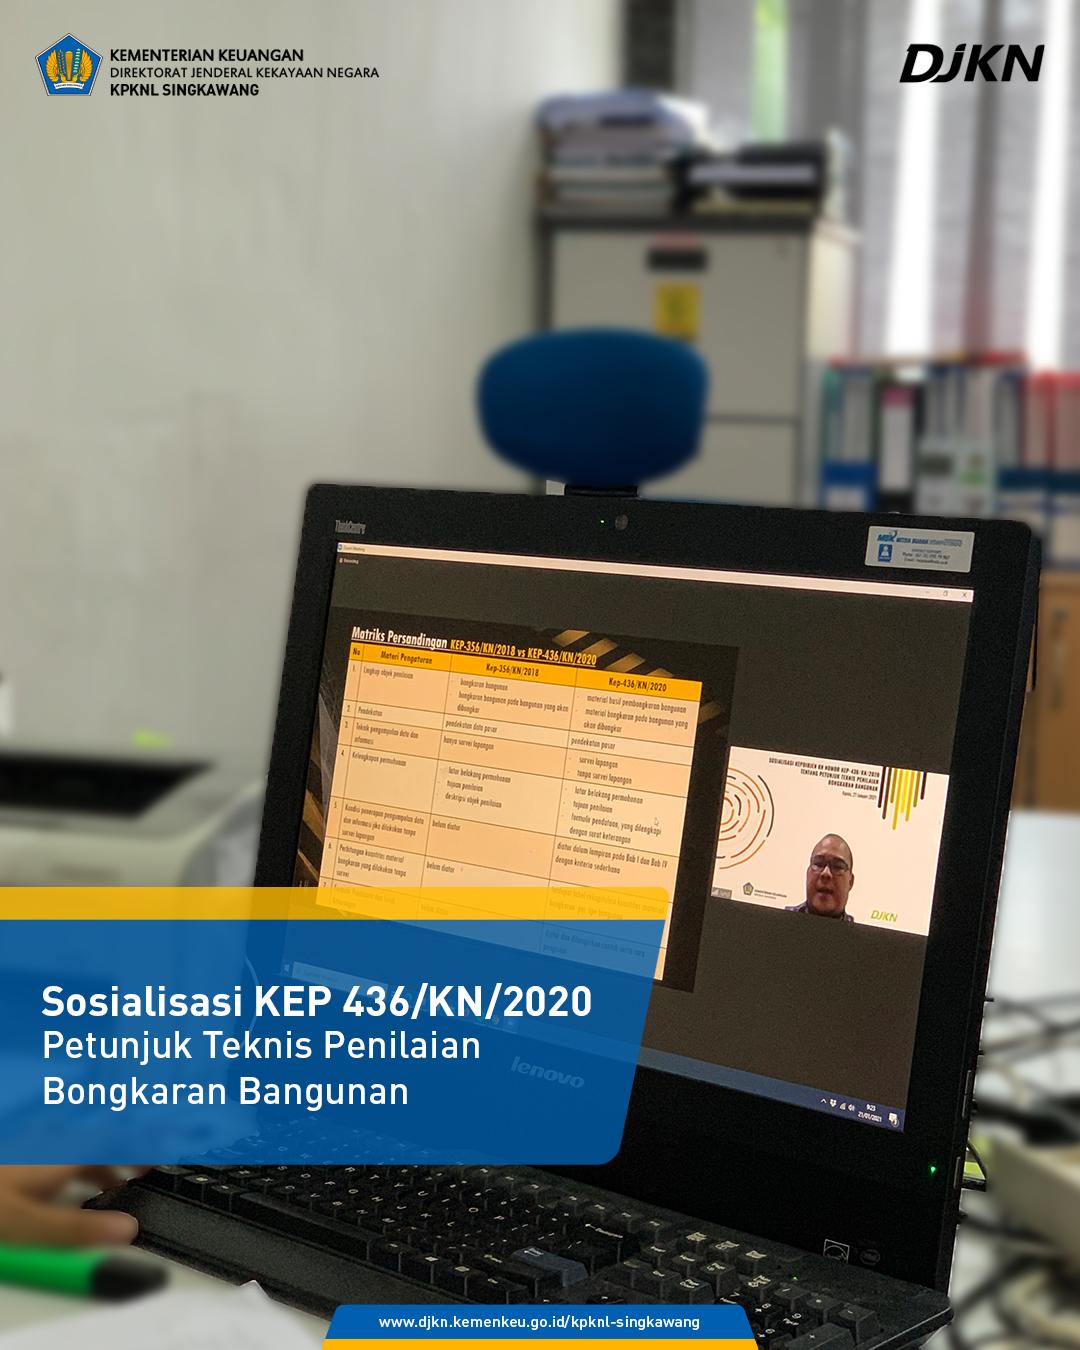 Sosialisasi KEP 436/KN/2020 oleh Direktorat Penilaian